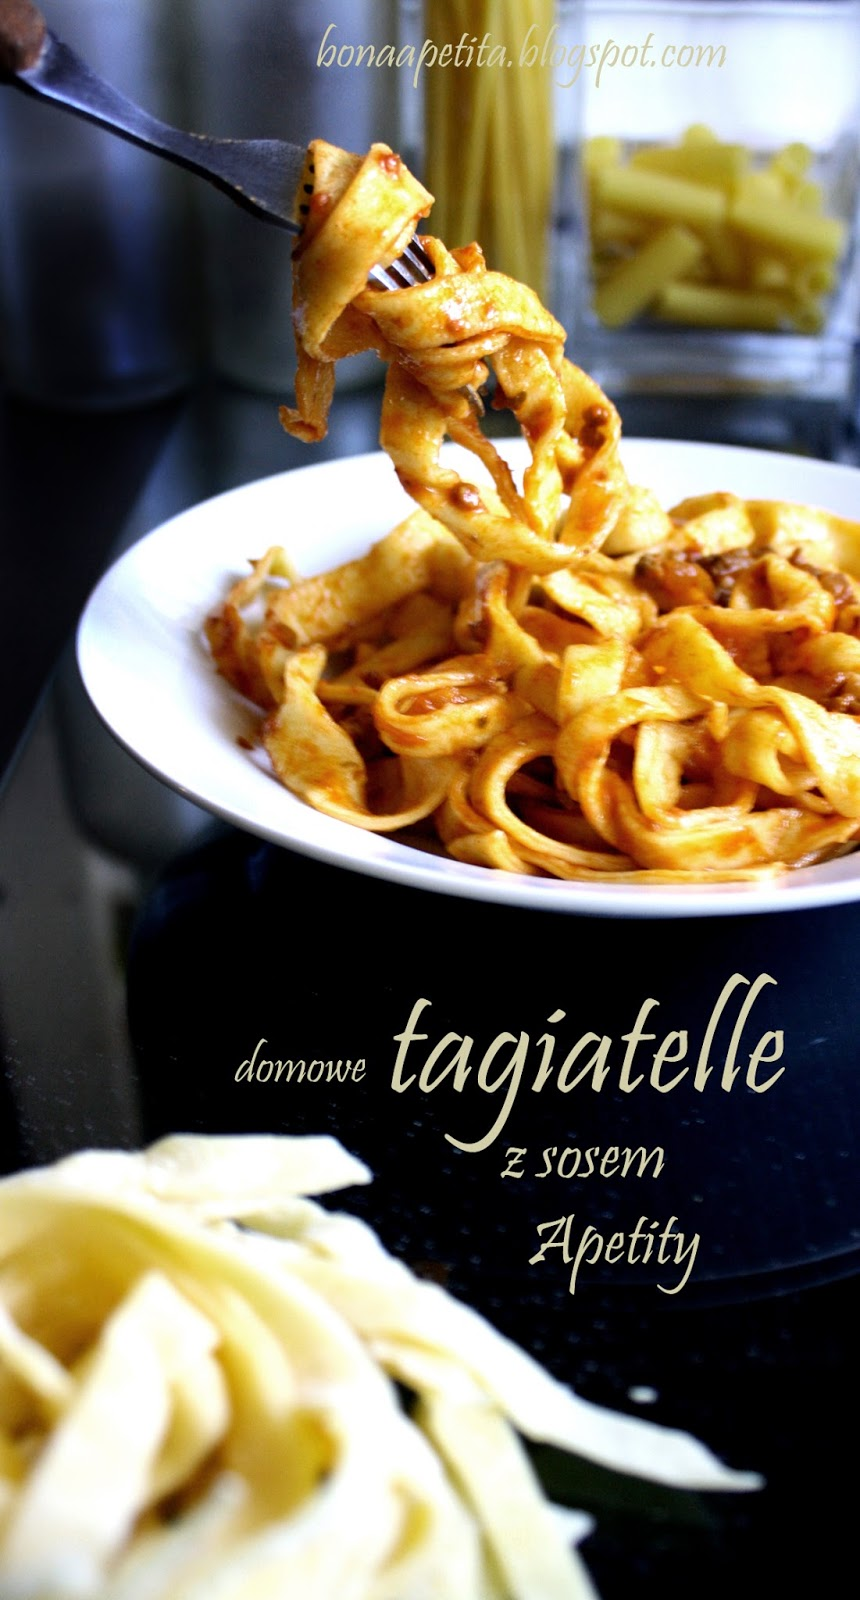 Tagiatelle! Domowa pasta z sosem mięsno pomidorowym Bony Apetity!